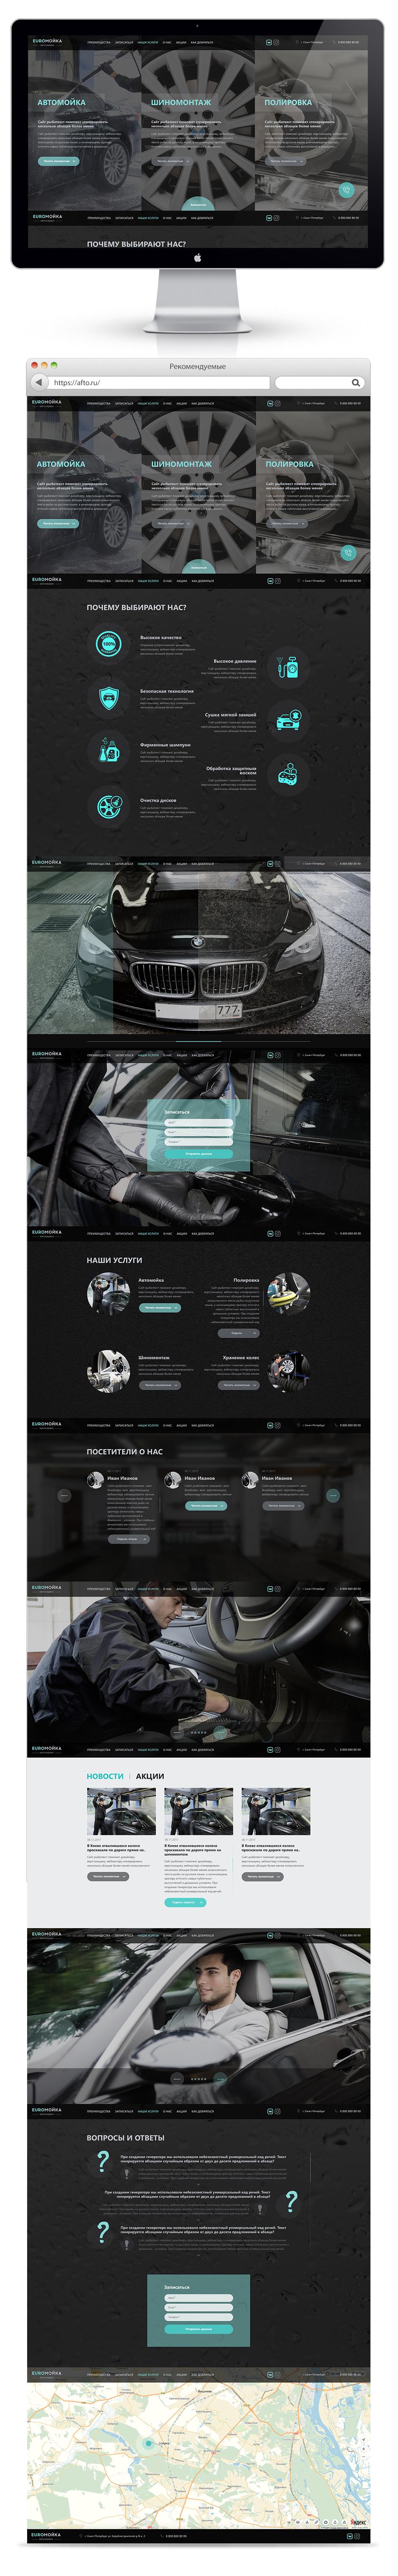 Дизайн для авто мойки